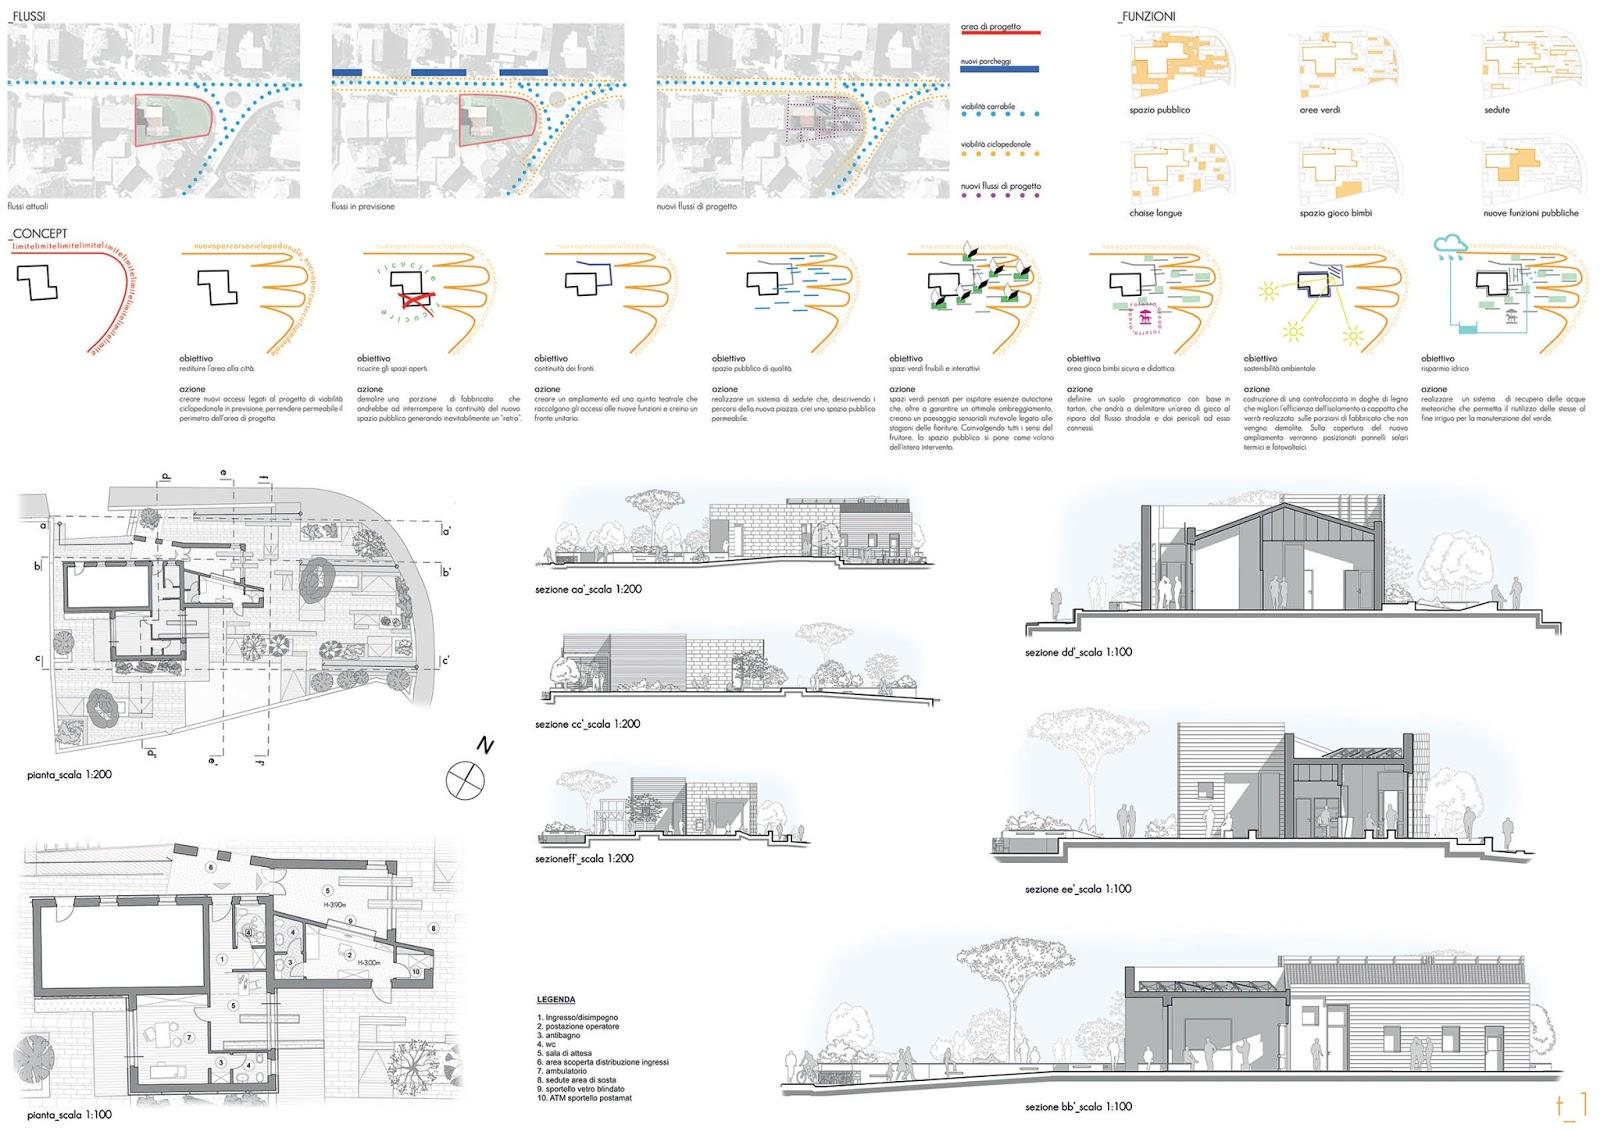 Concorso d idee per la riqualificazione architettonico - Tavole di concorso architettura ...